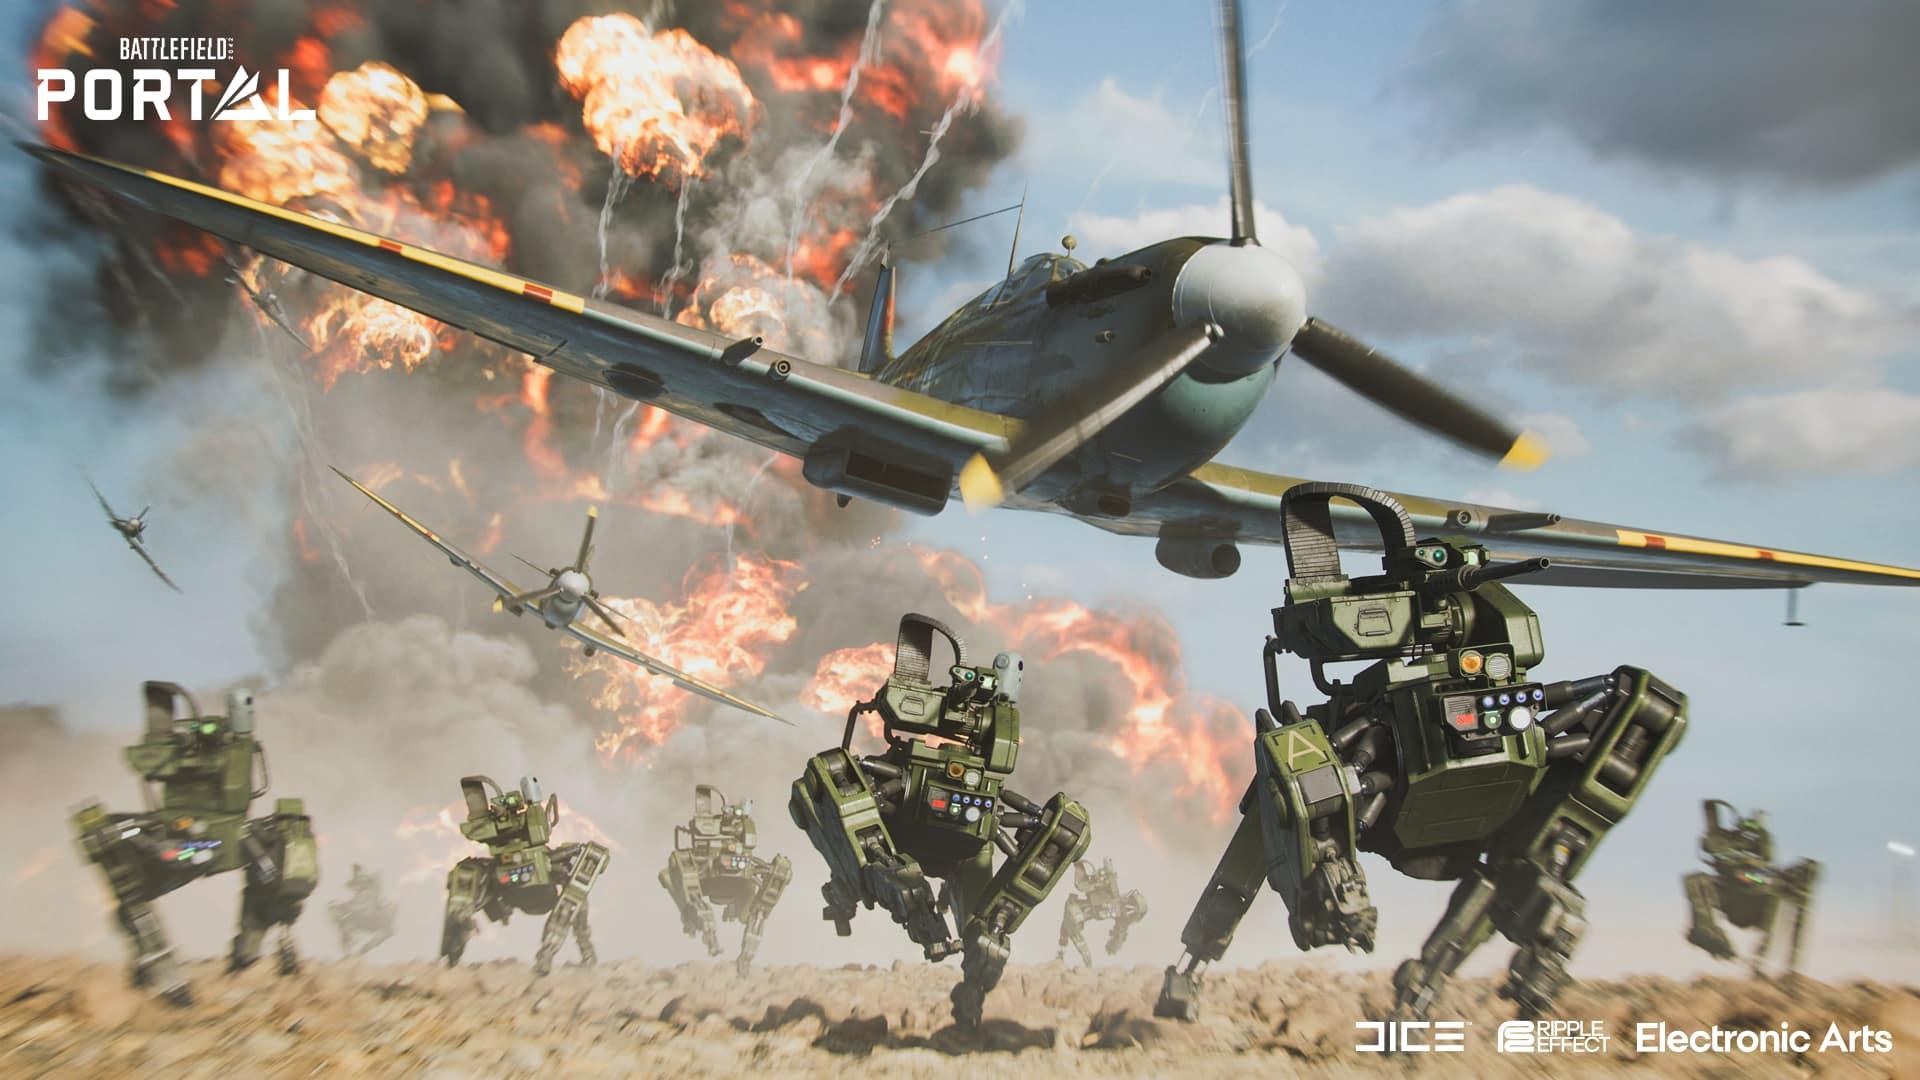 Se filtra un gameplay de Battlefield para móviles que muestra vehículos y la jugabilidad típica de la saga 2